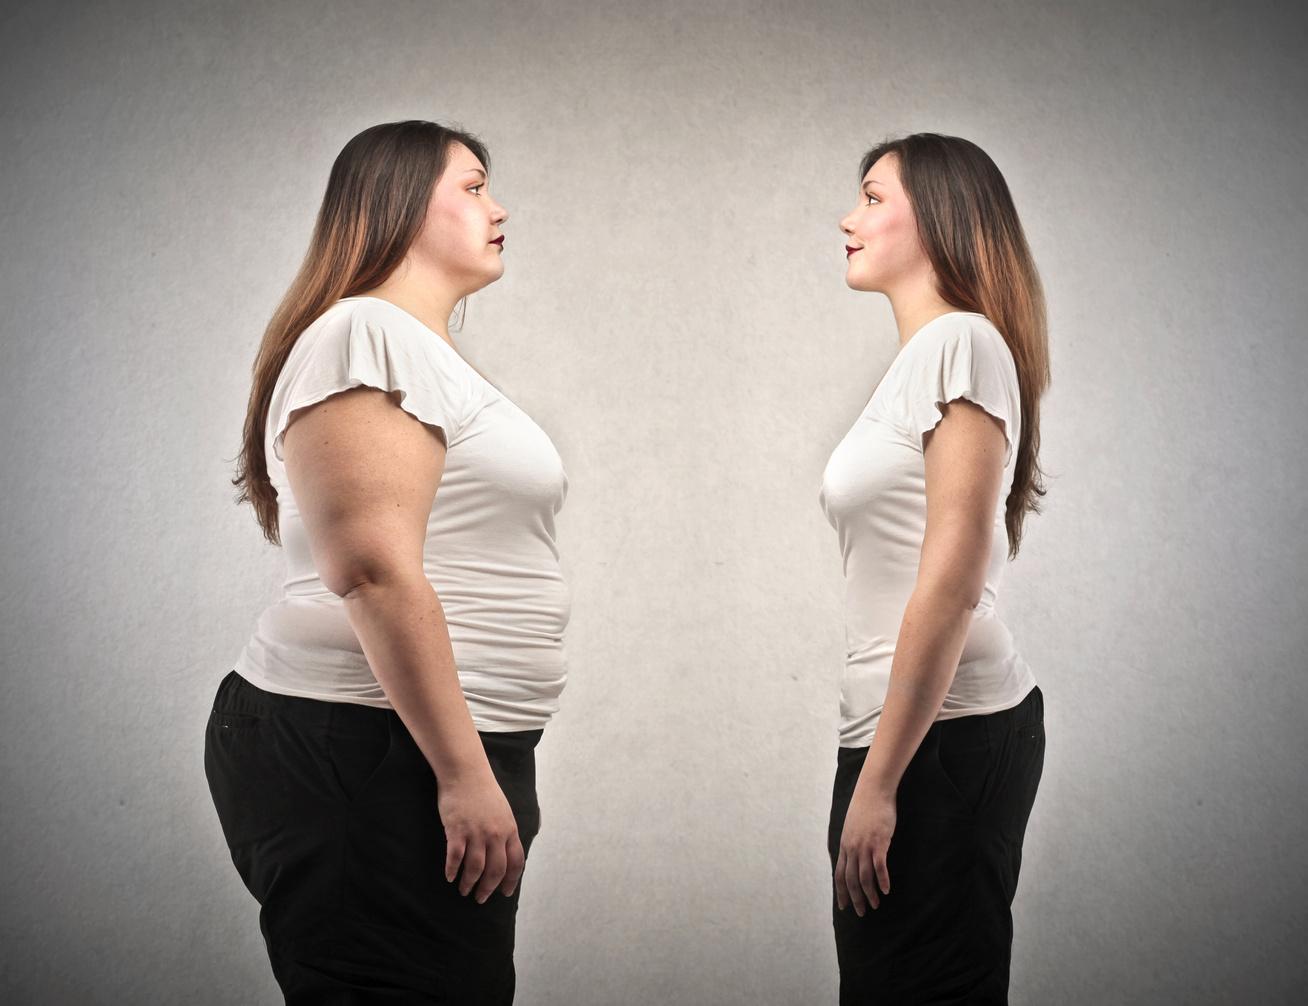 Kövér ember, hogyan lehet lefogyni. Fogyni cukorbetegen - A jó diéta inkább tanulás, mint akaraterő